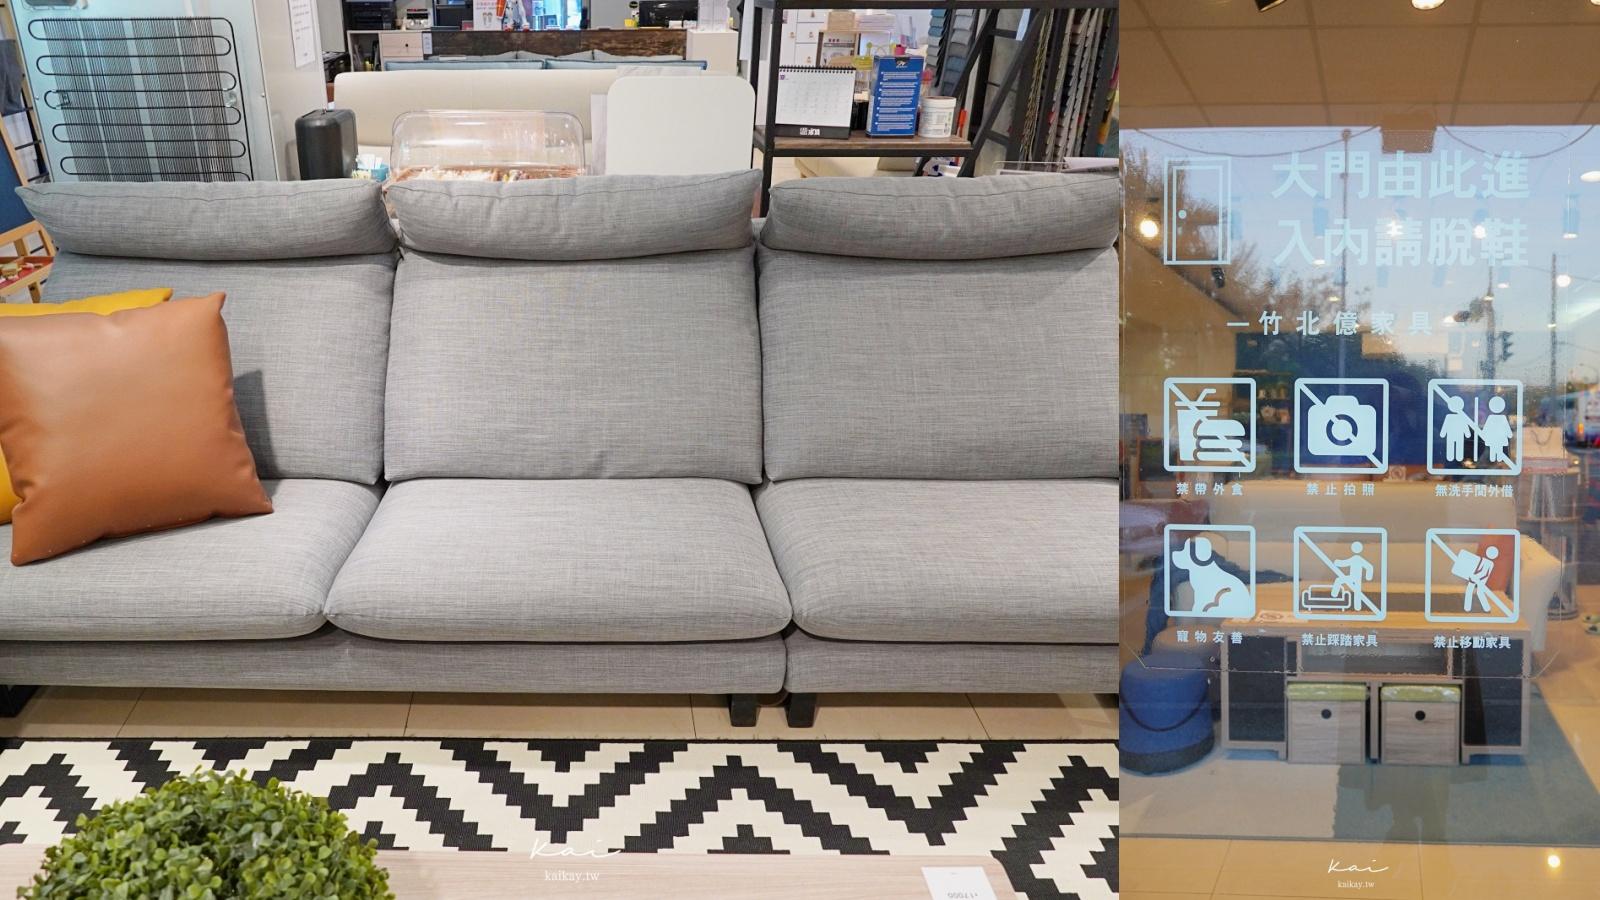 ☆【億家俱-新竹店】就像回到自己家中的輕鬆舒適。試坐、挑選沙發完全零壓力 @凱的日本食尚日記